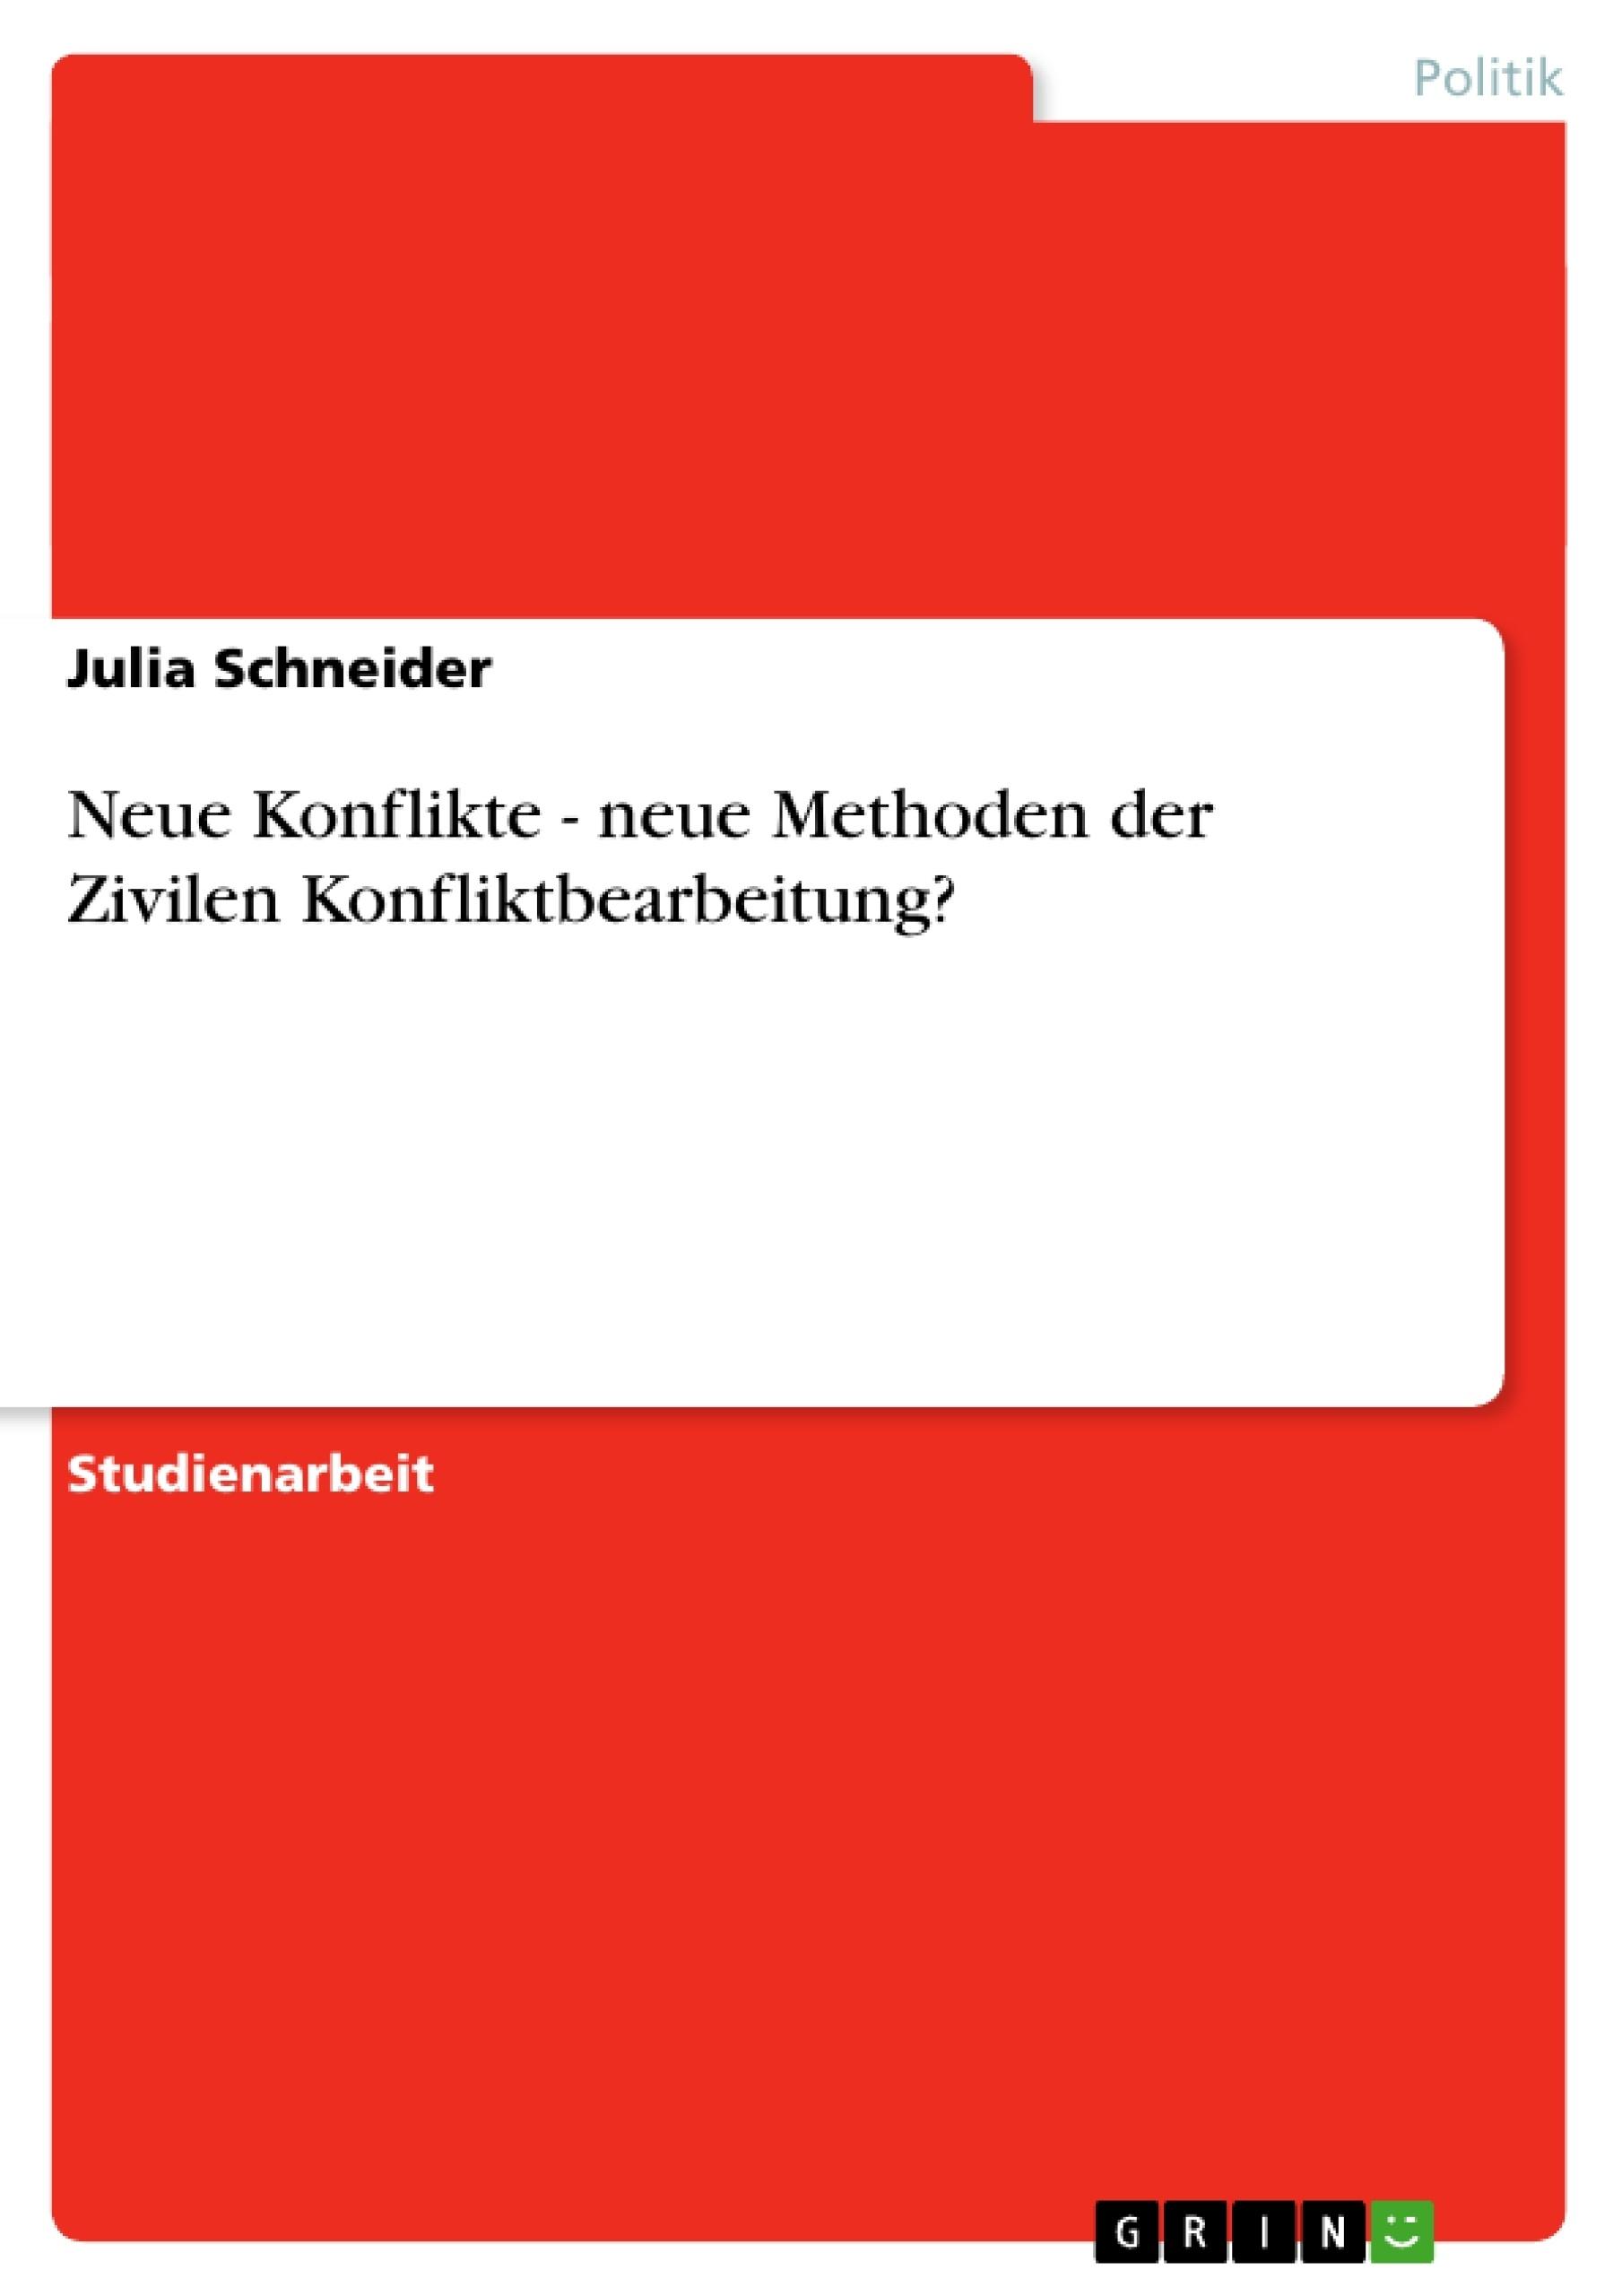 Titel: Neue Konflikte - neue Methoden der Zivilen Konfliktbearbeitung?